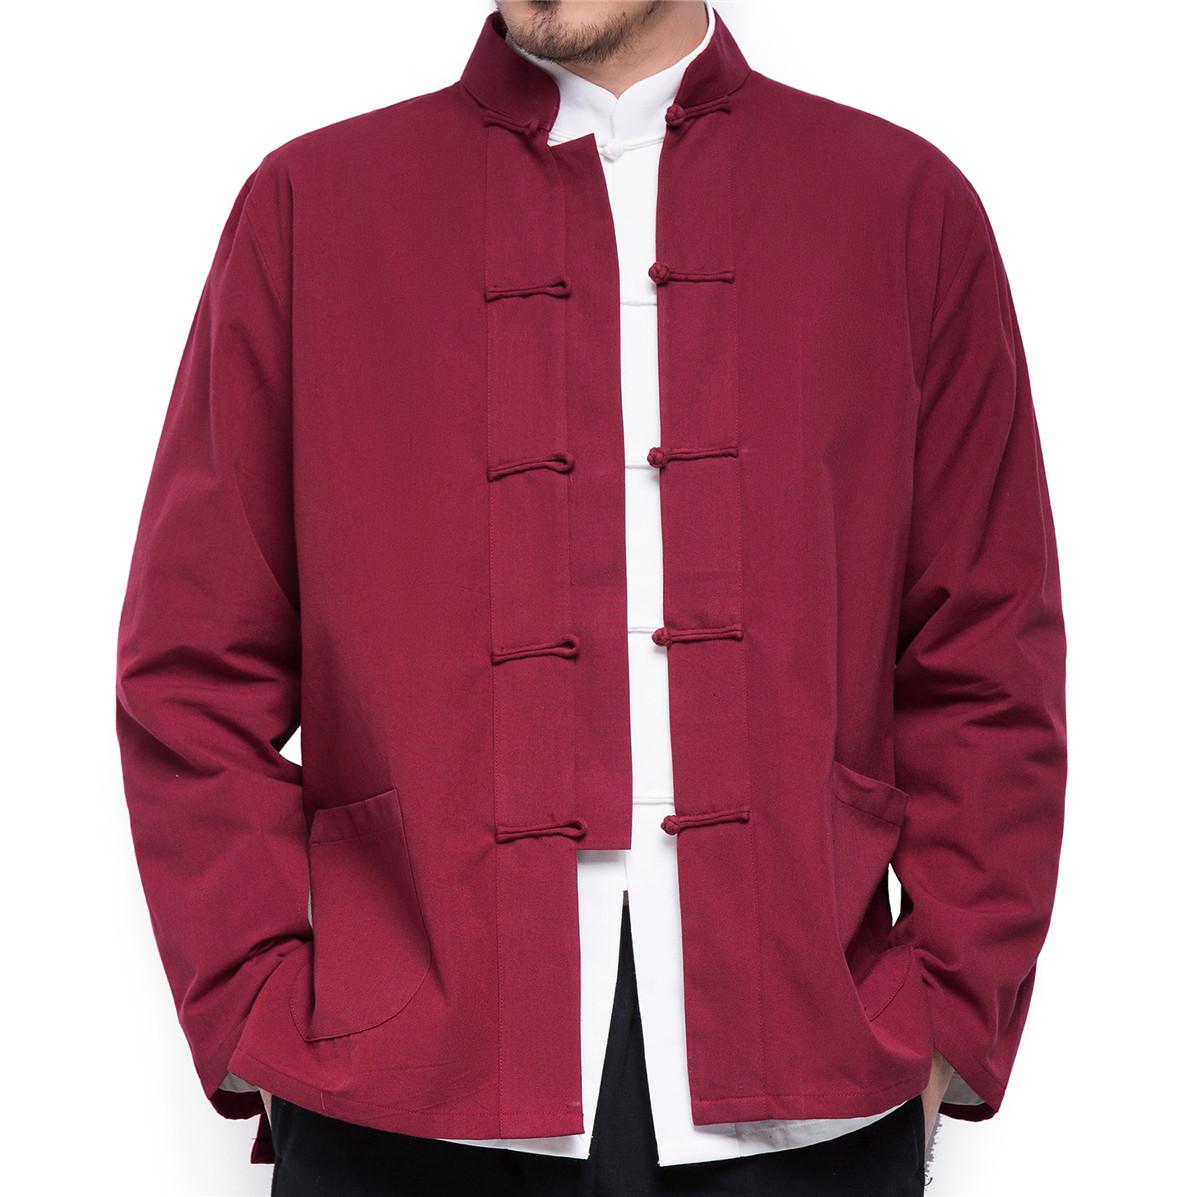 07aba976f31 Купить Национальный костюм Китайский стиль мужской костюм молодежная ...